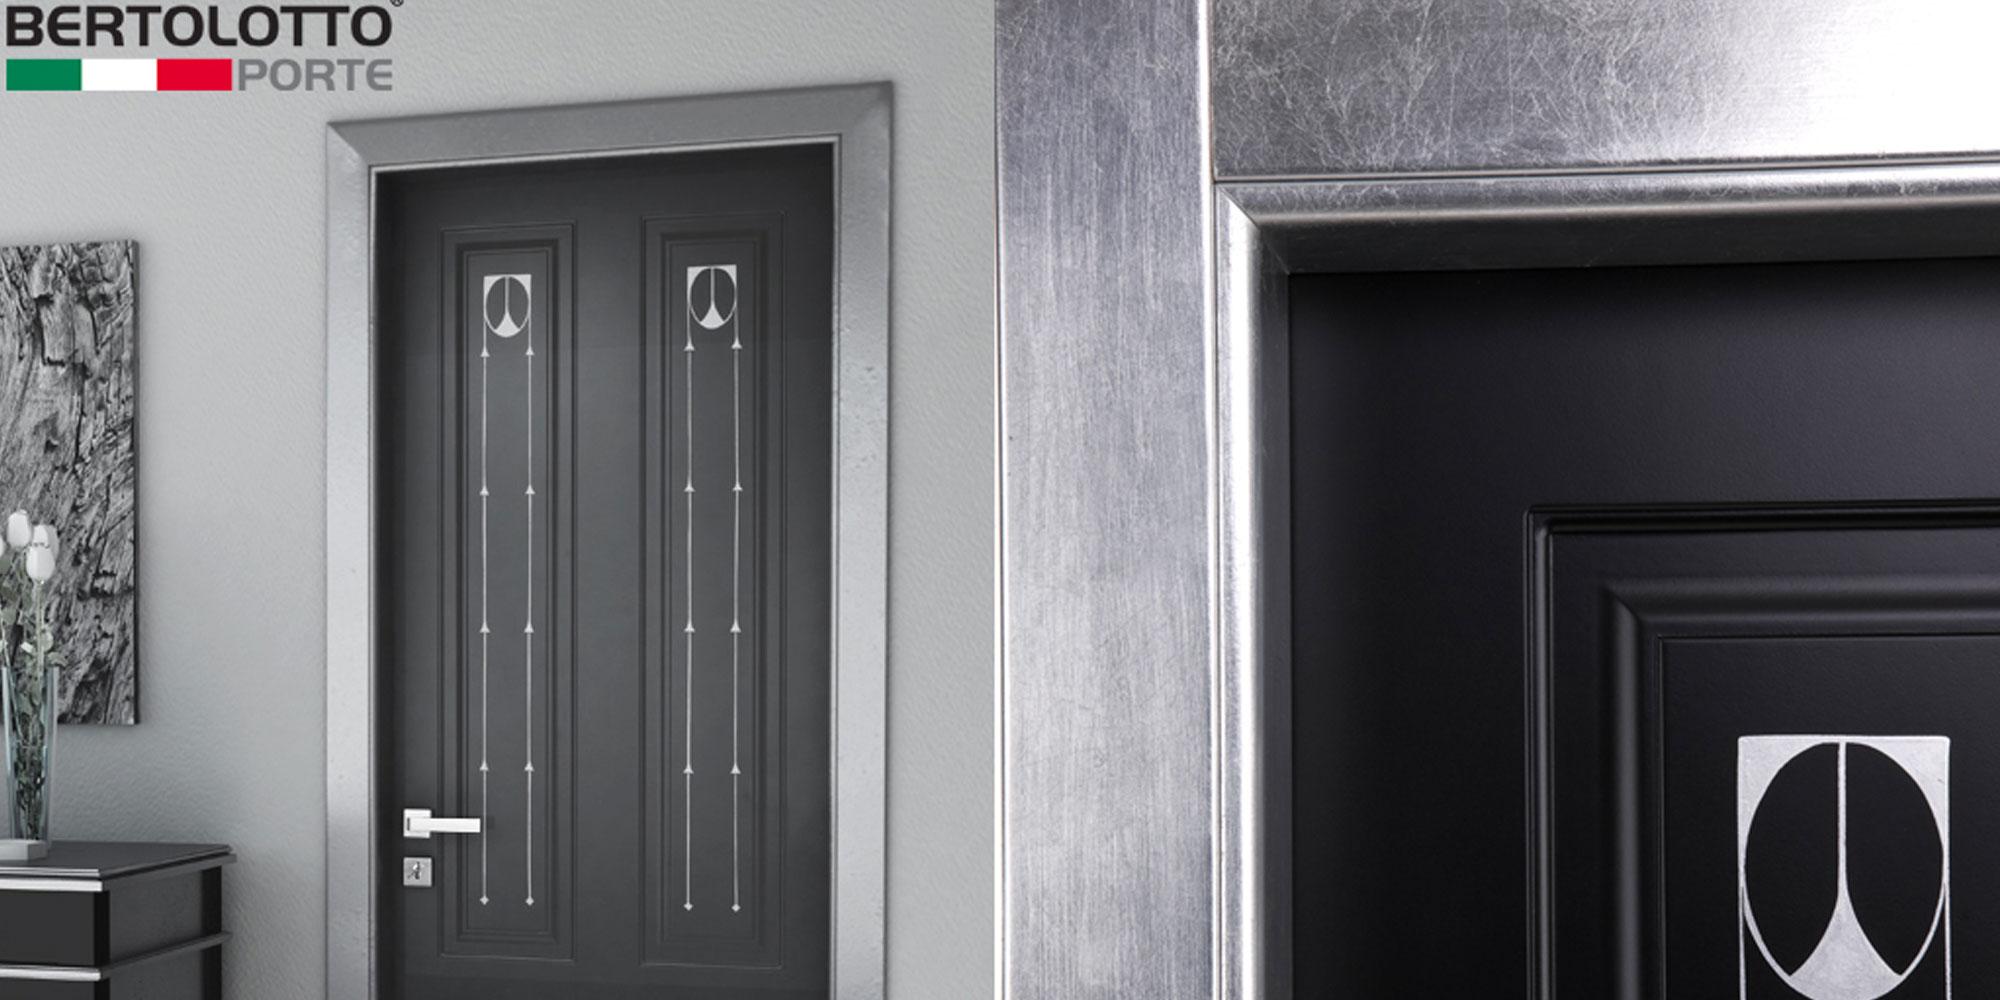 Prodotti porte interne bertolotto wama serramenti - Bertolotto porte torino ...